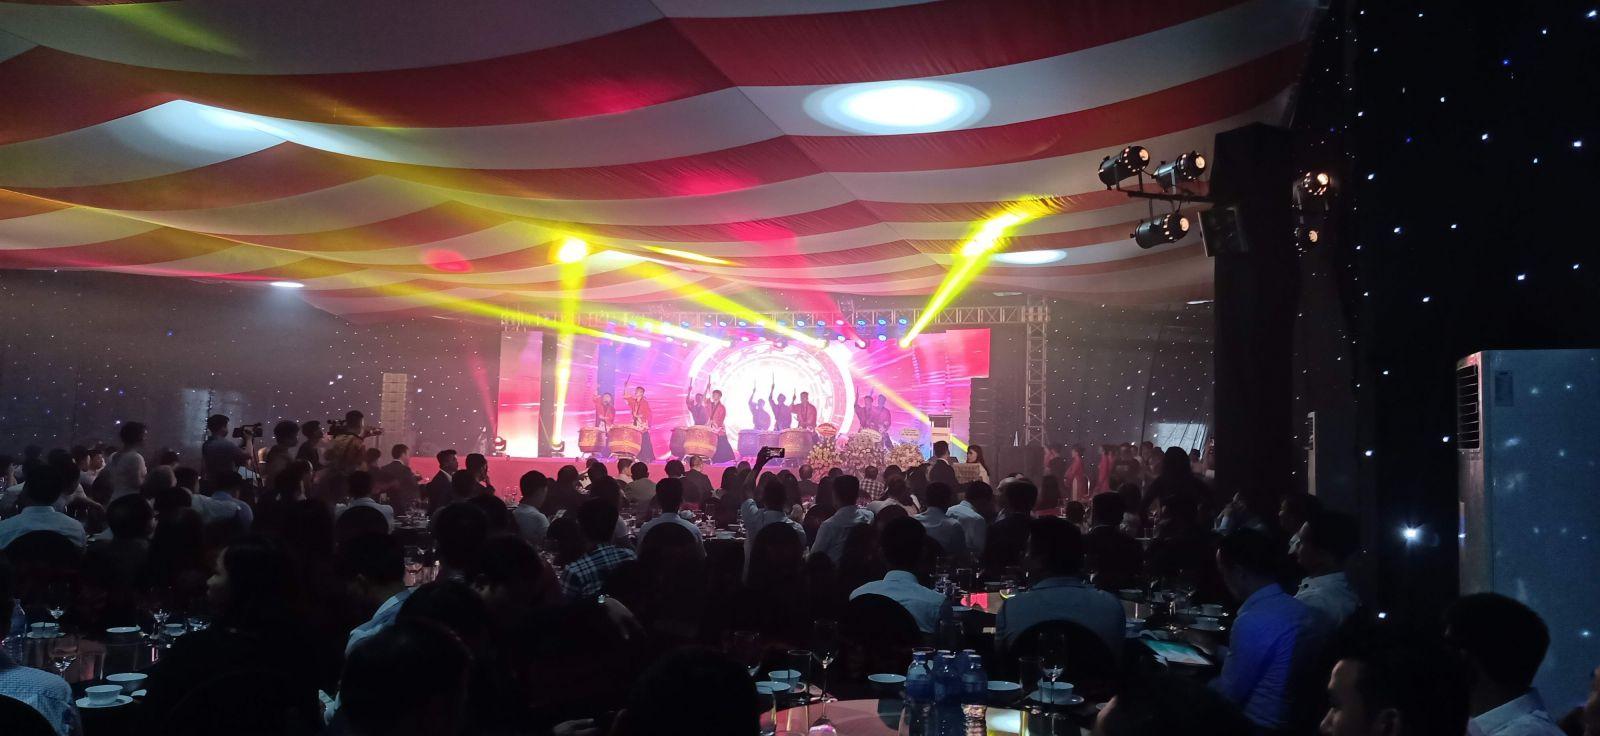 Cho thuê màn hình LED P3 trong nhà tổ chức sự kiện: Hình ảnh tươi sáng, rực rỡ